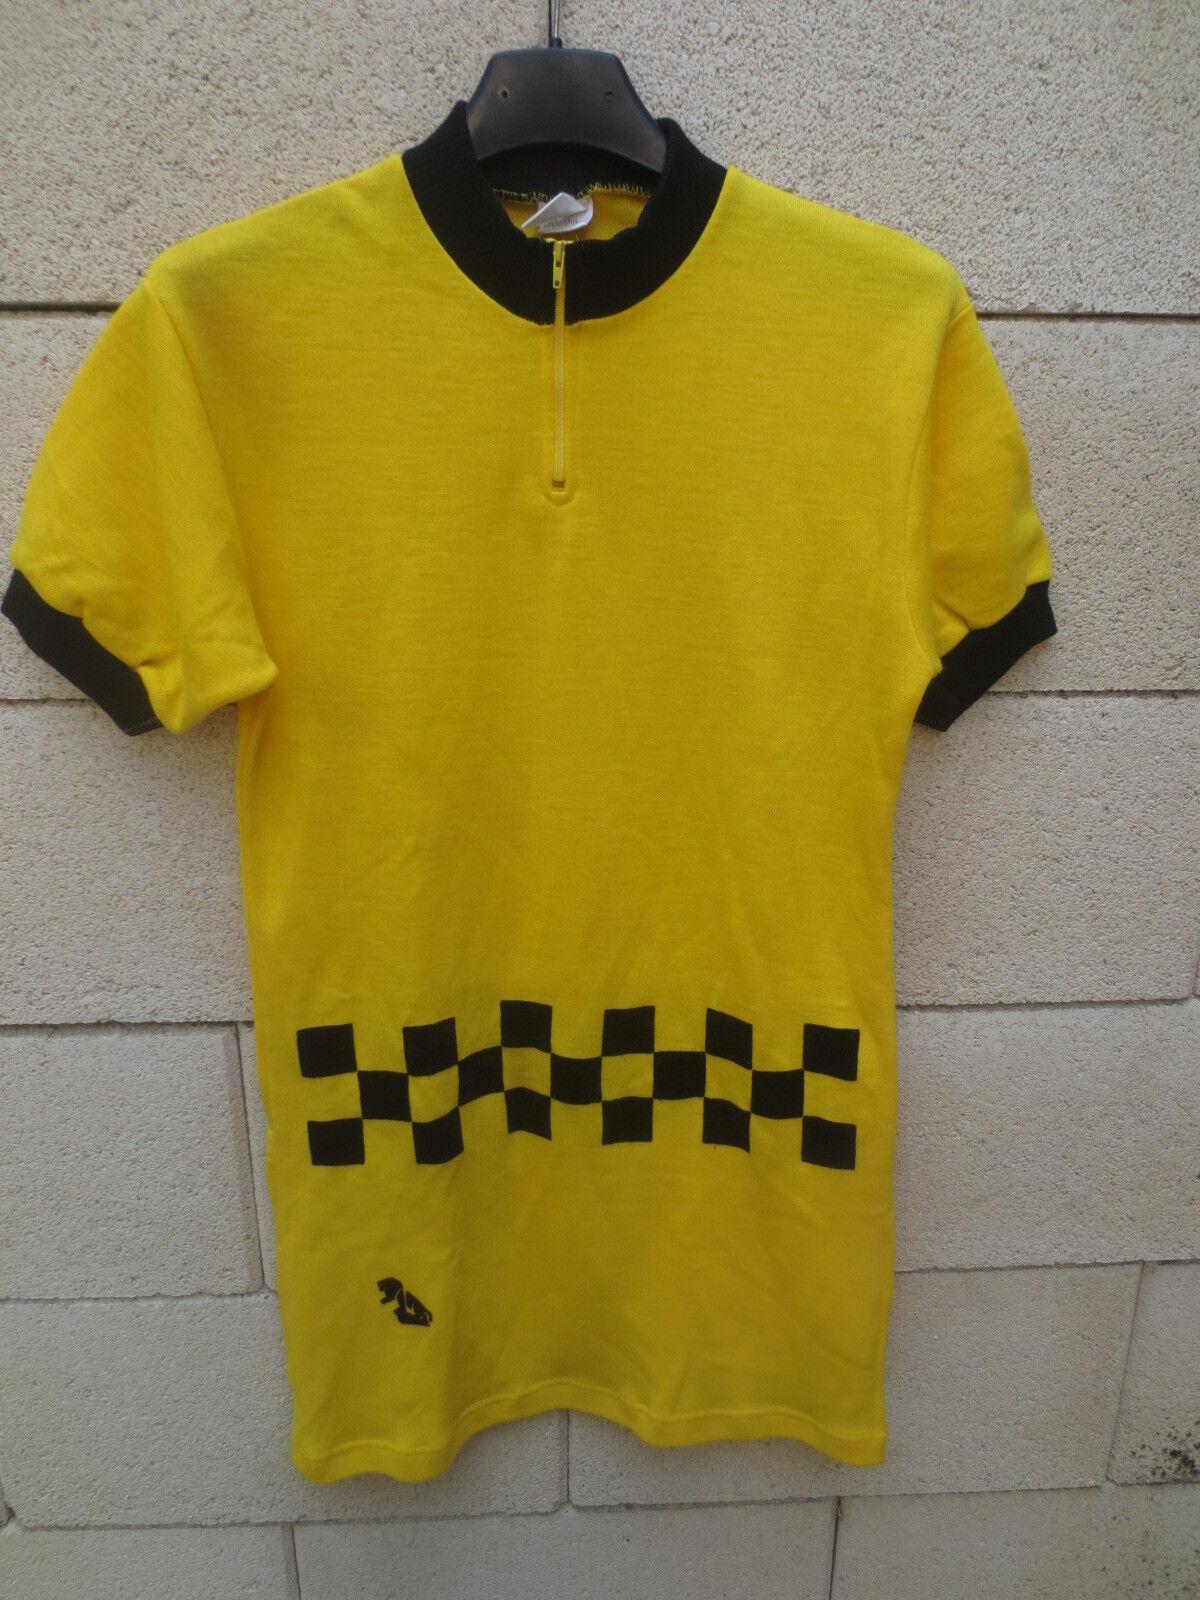 Maillot cycliste PEUGEOT damier jaune 70's trikot shirt shirt trikot jersey camiseta rare M 3 46ee18